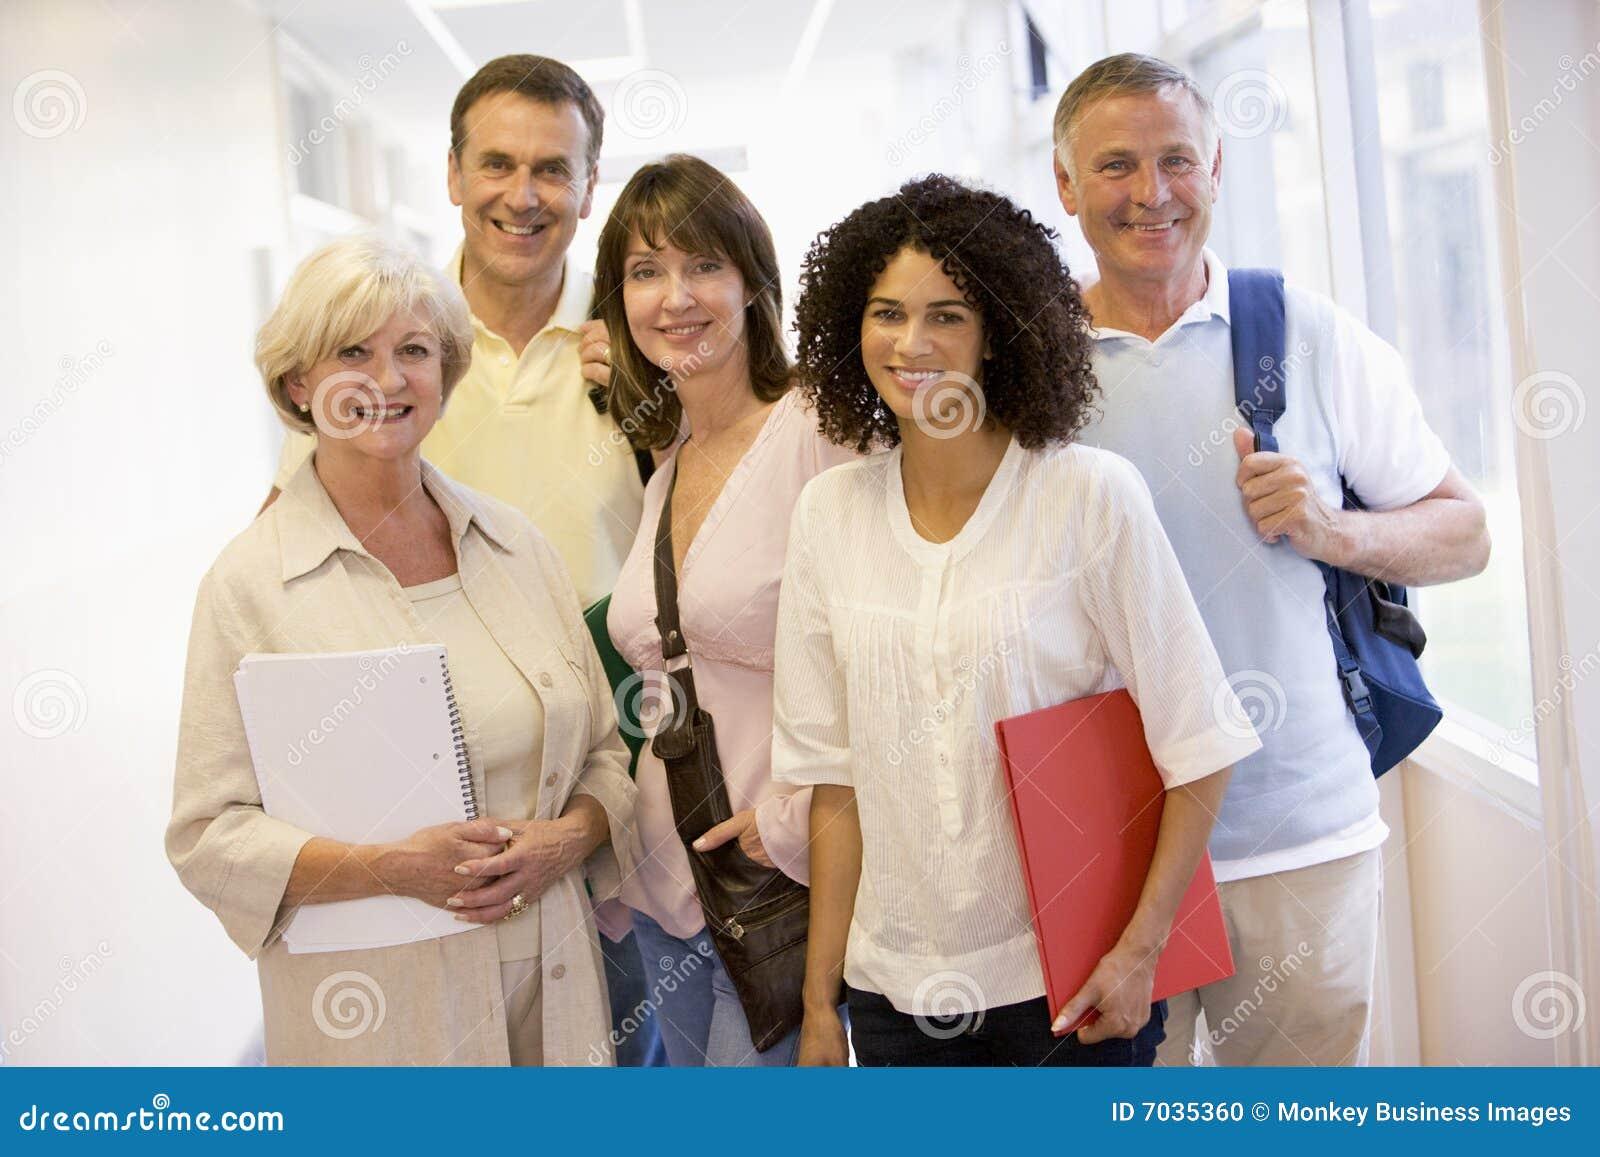 взрослый укладывает рюкзак студенты группы стоящие